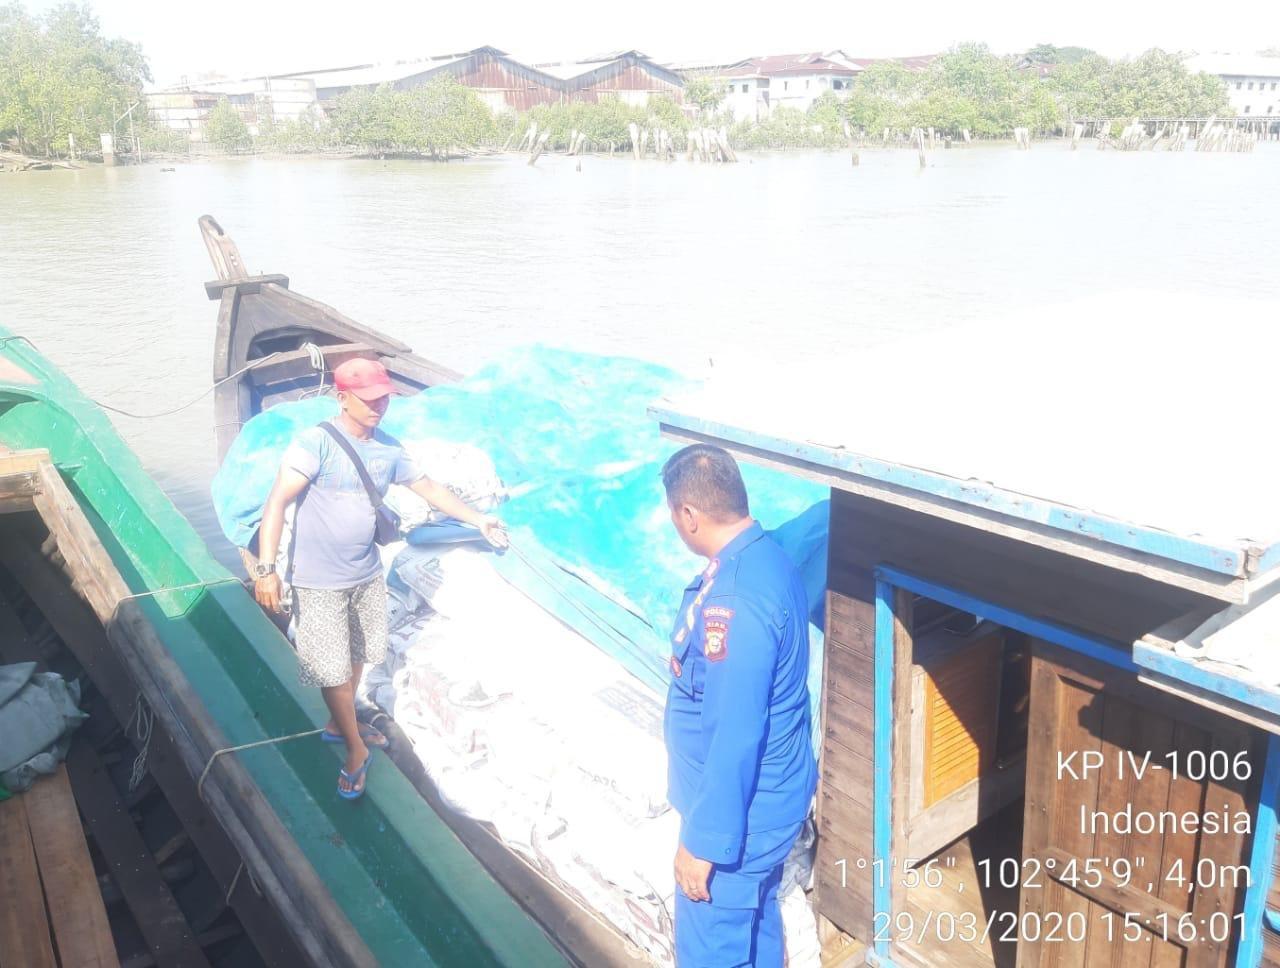 Ditpolair Polda Riau Amankan 1 Unit Kapal Yang Berisi 10 Ton Arang